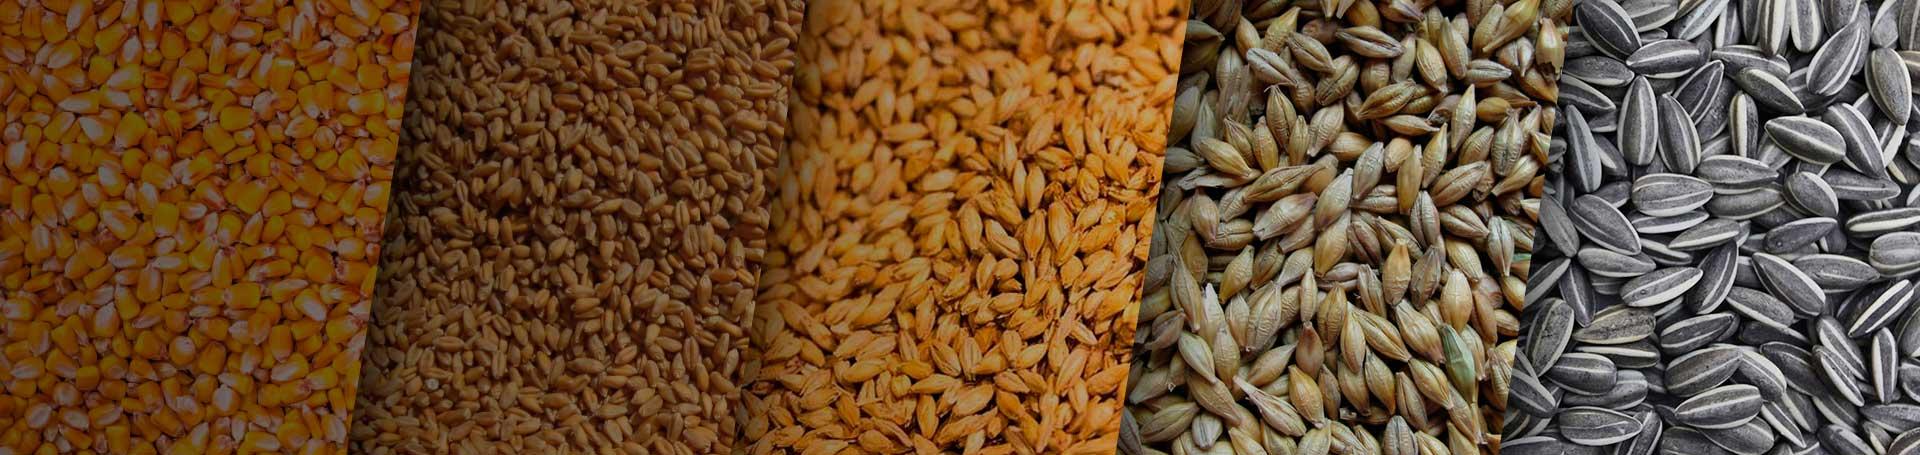 Conozca nuestros productos de inoculación - Agrimarketing